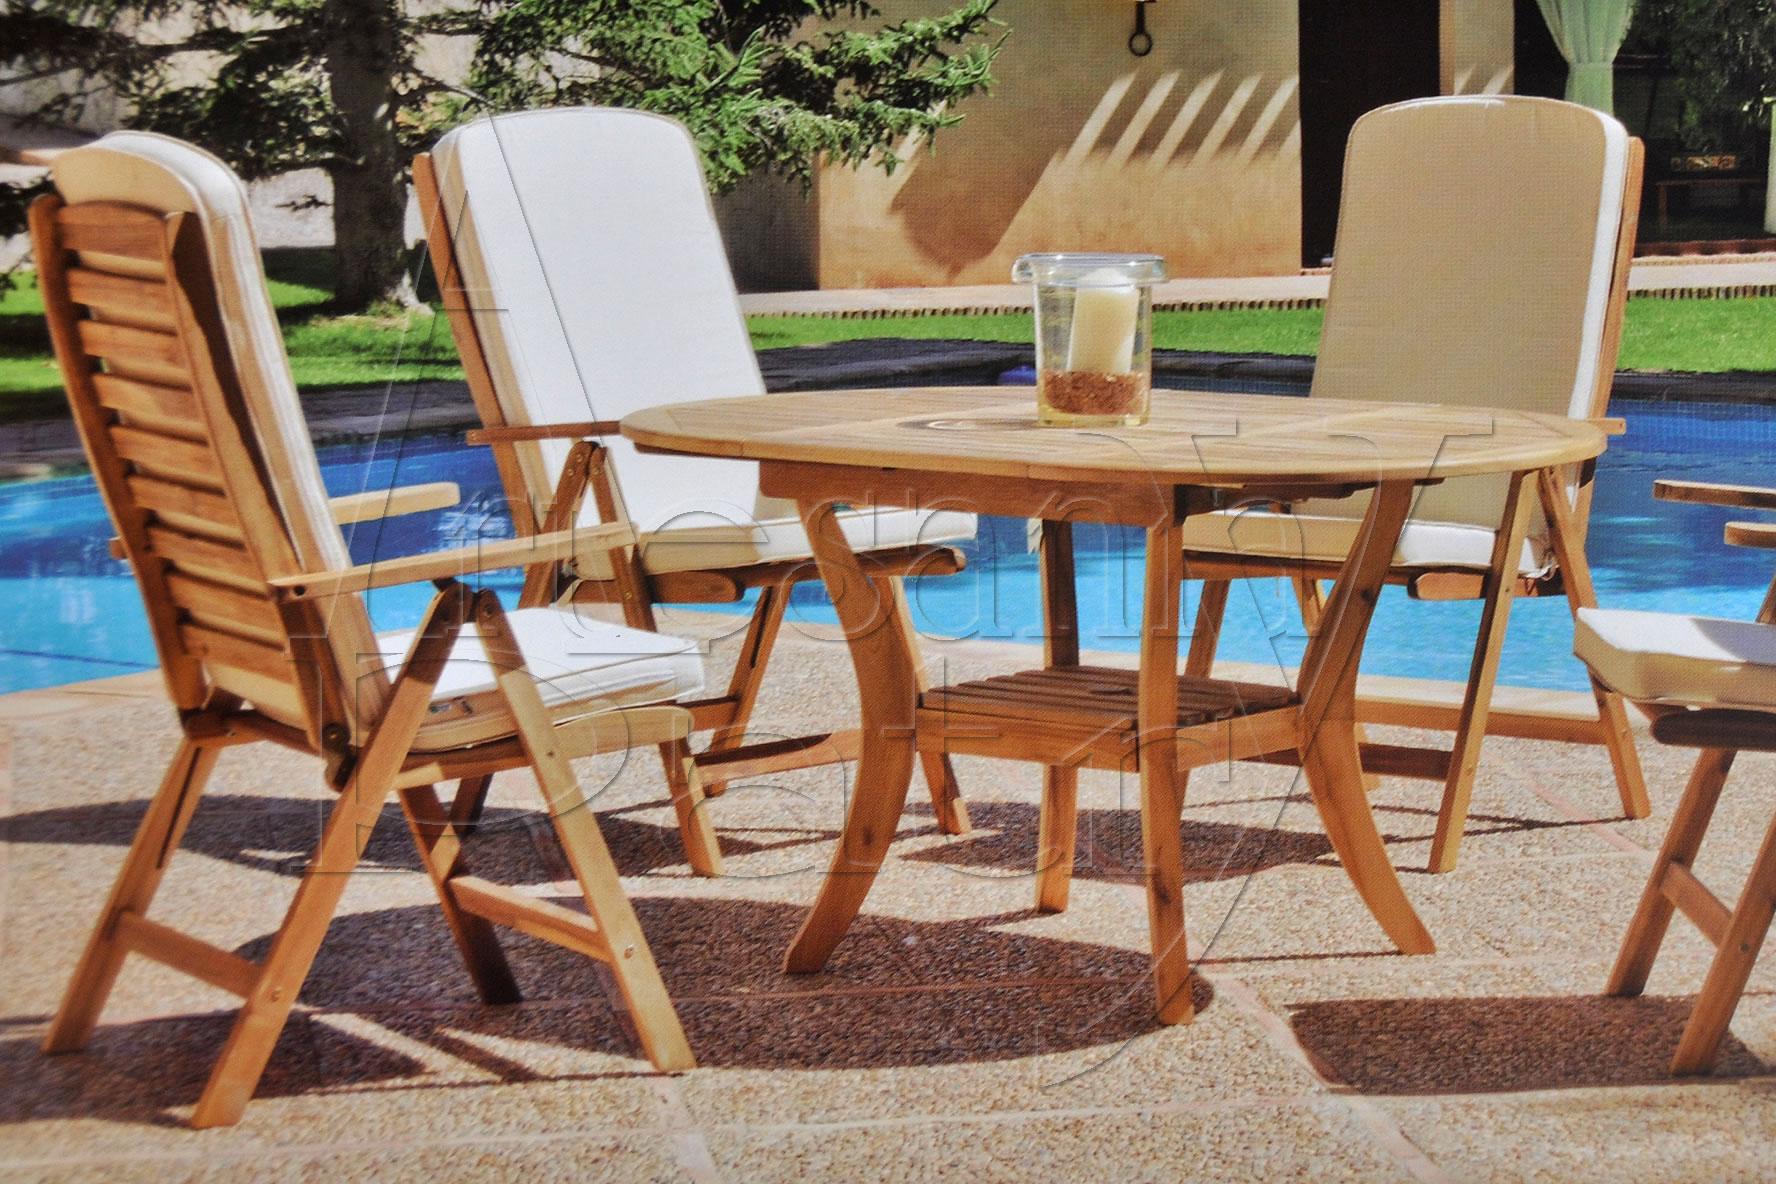 Muebles de exterior madera - mimbre - junco